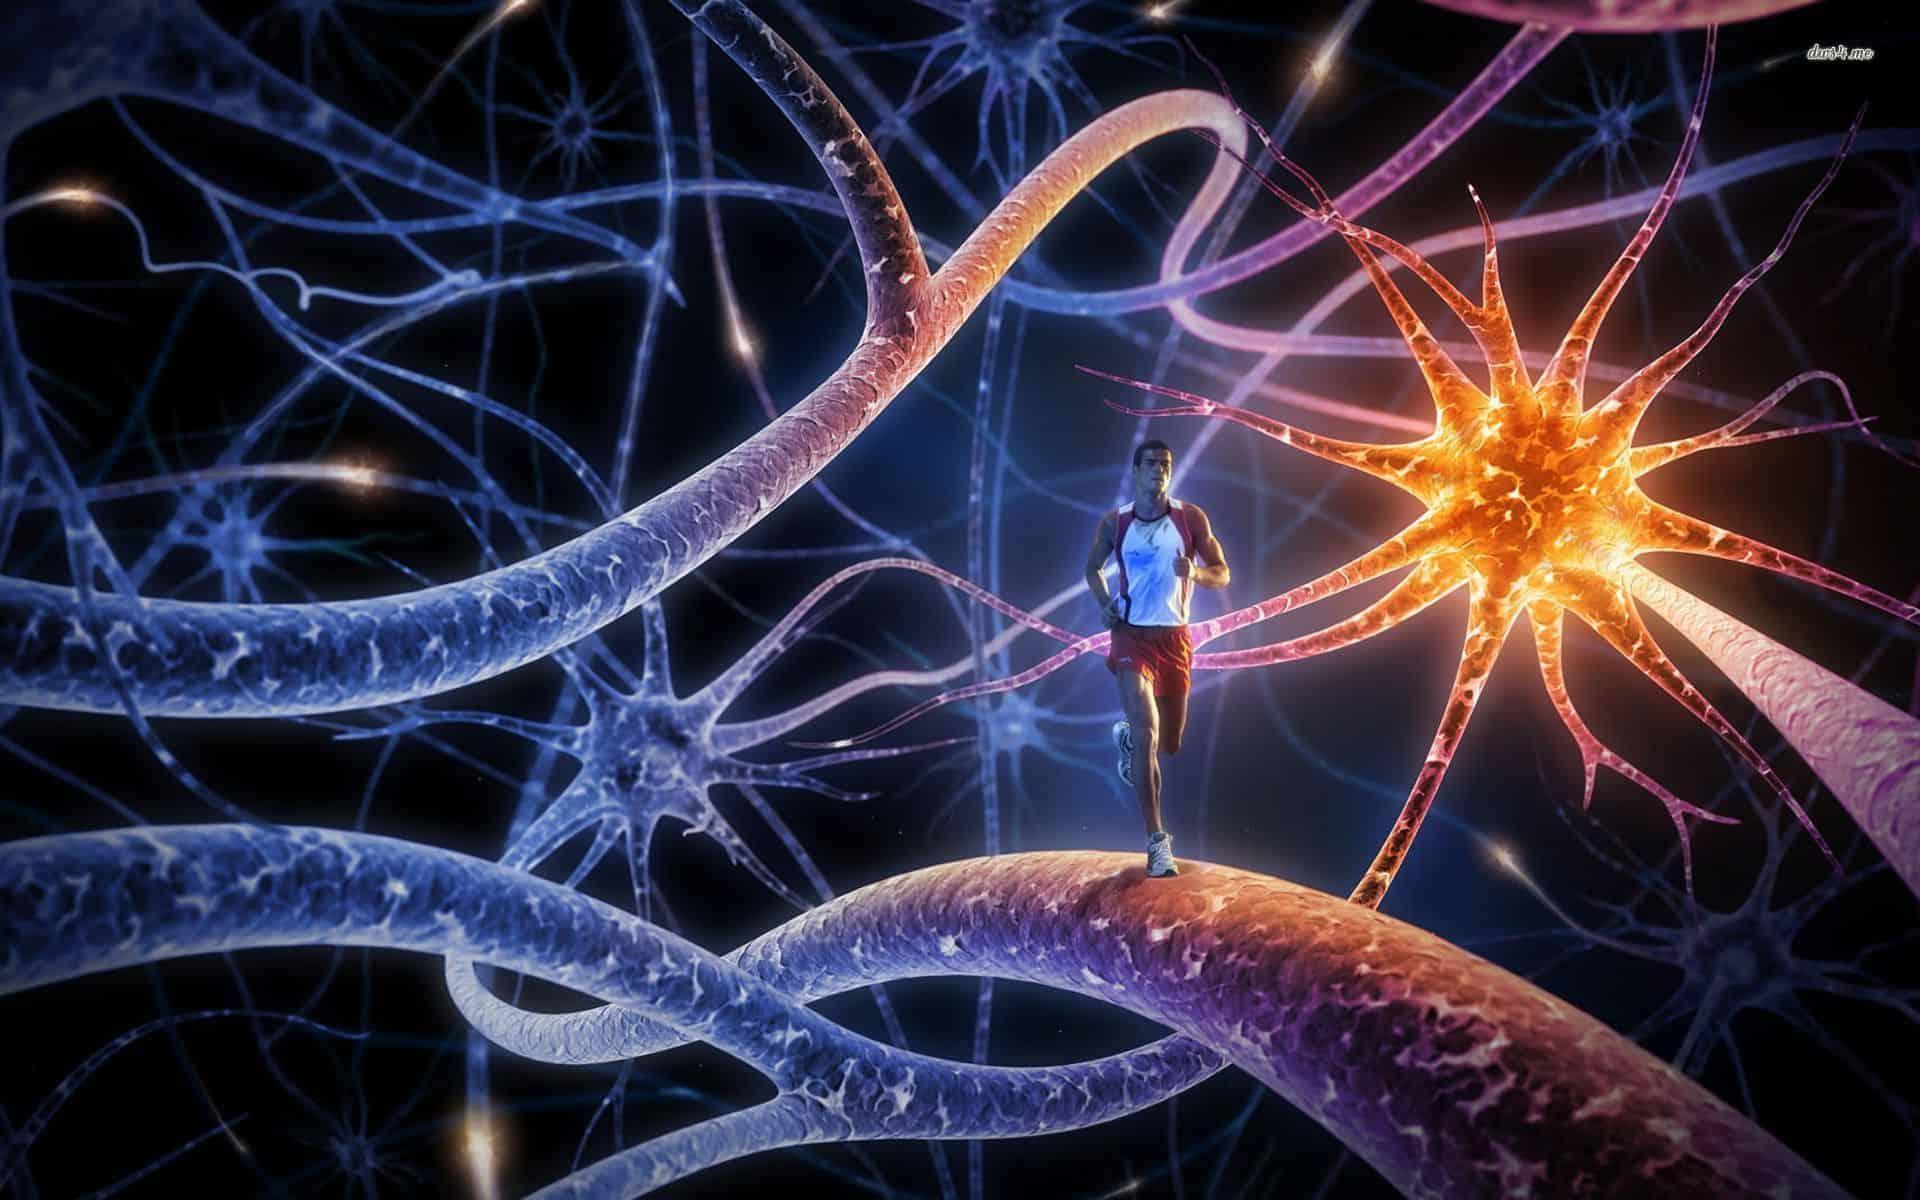 صورة التعلم العميق: ثورة الكمبيوتر النهائية في تحدي ذكاء الإنسان